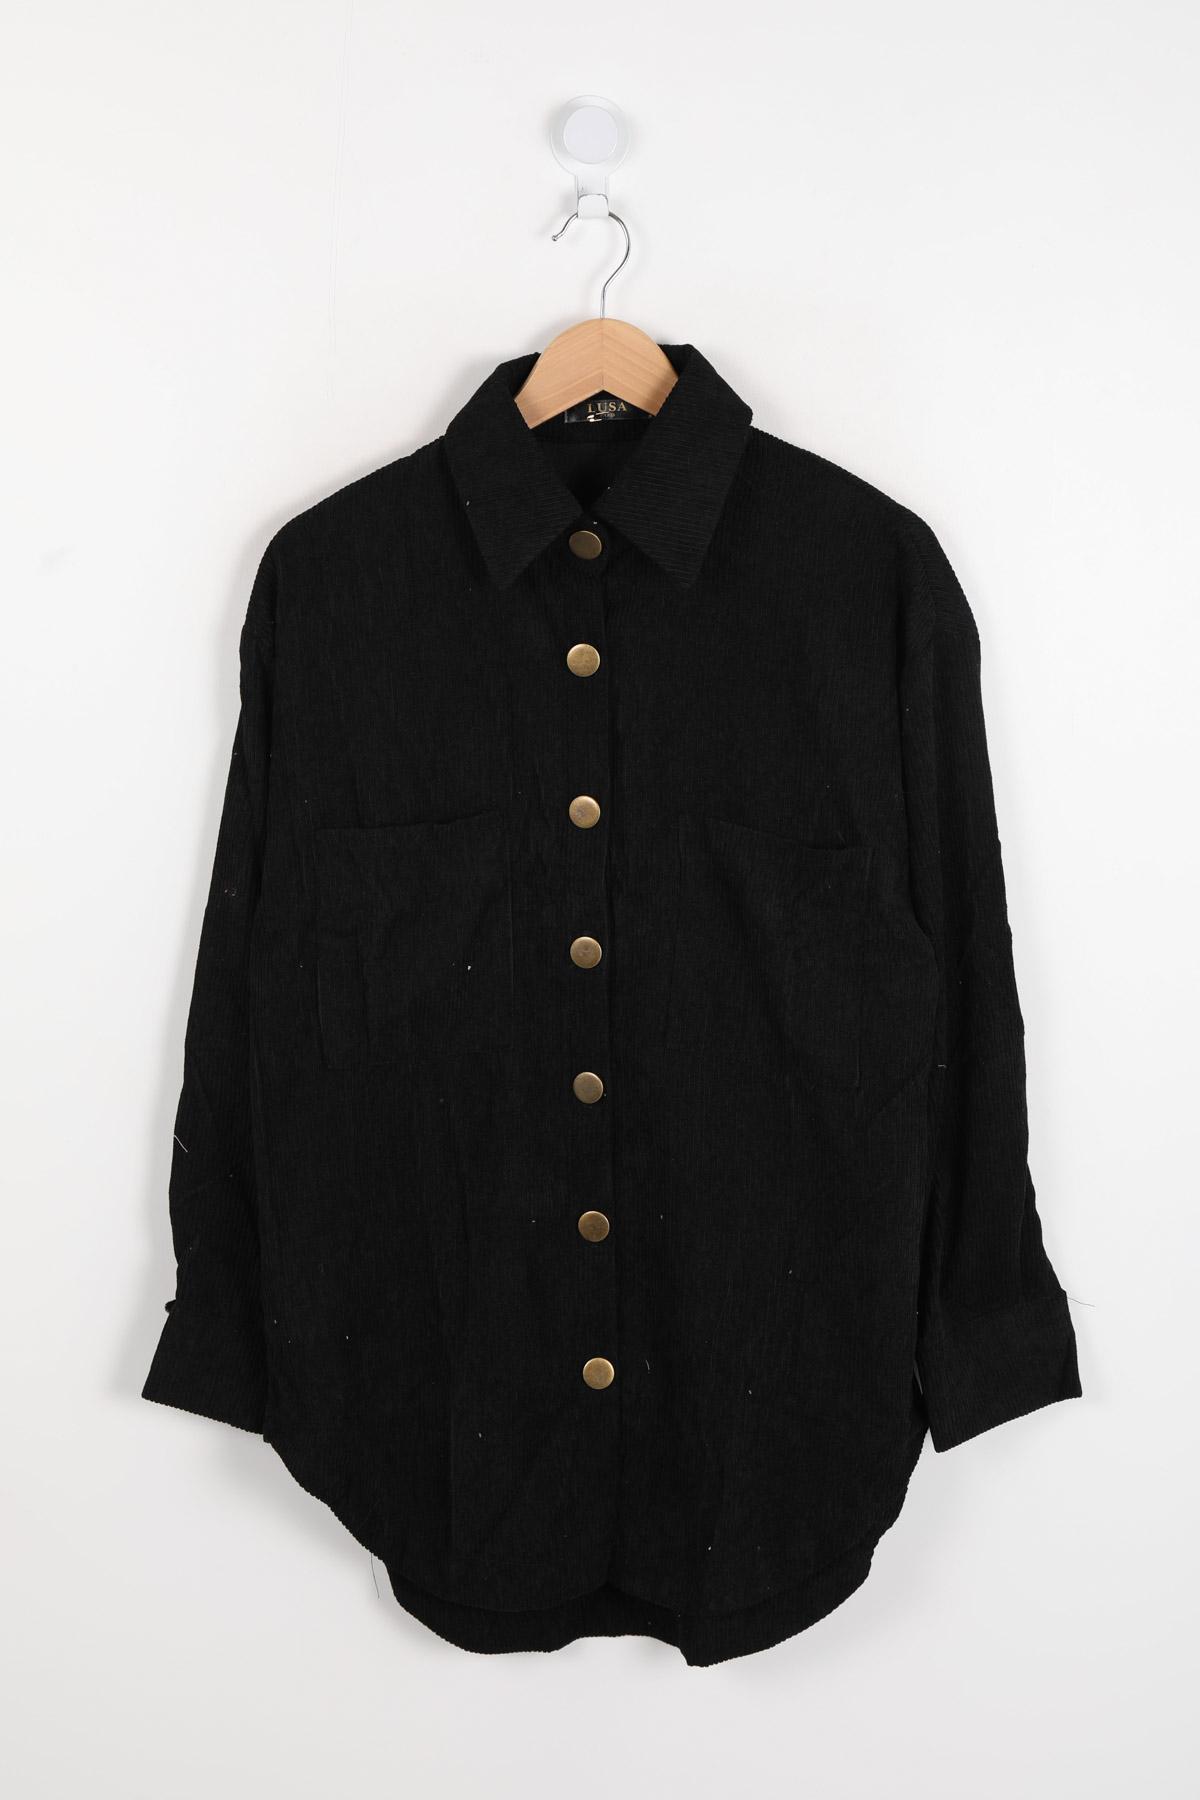 Chemises Femme Noir LUSA 882 #c eFashion Paris